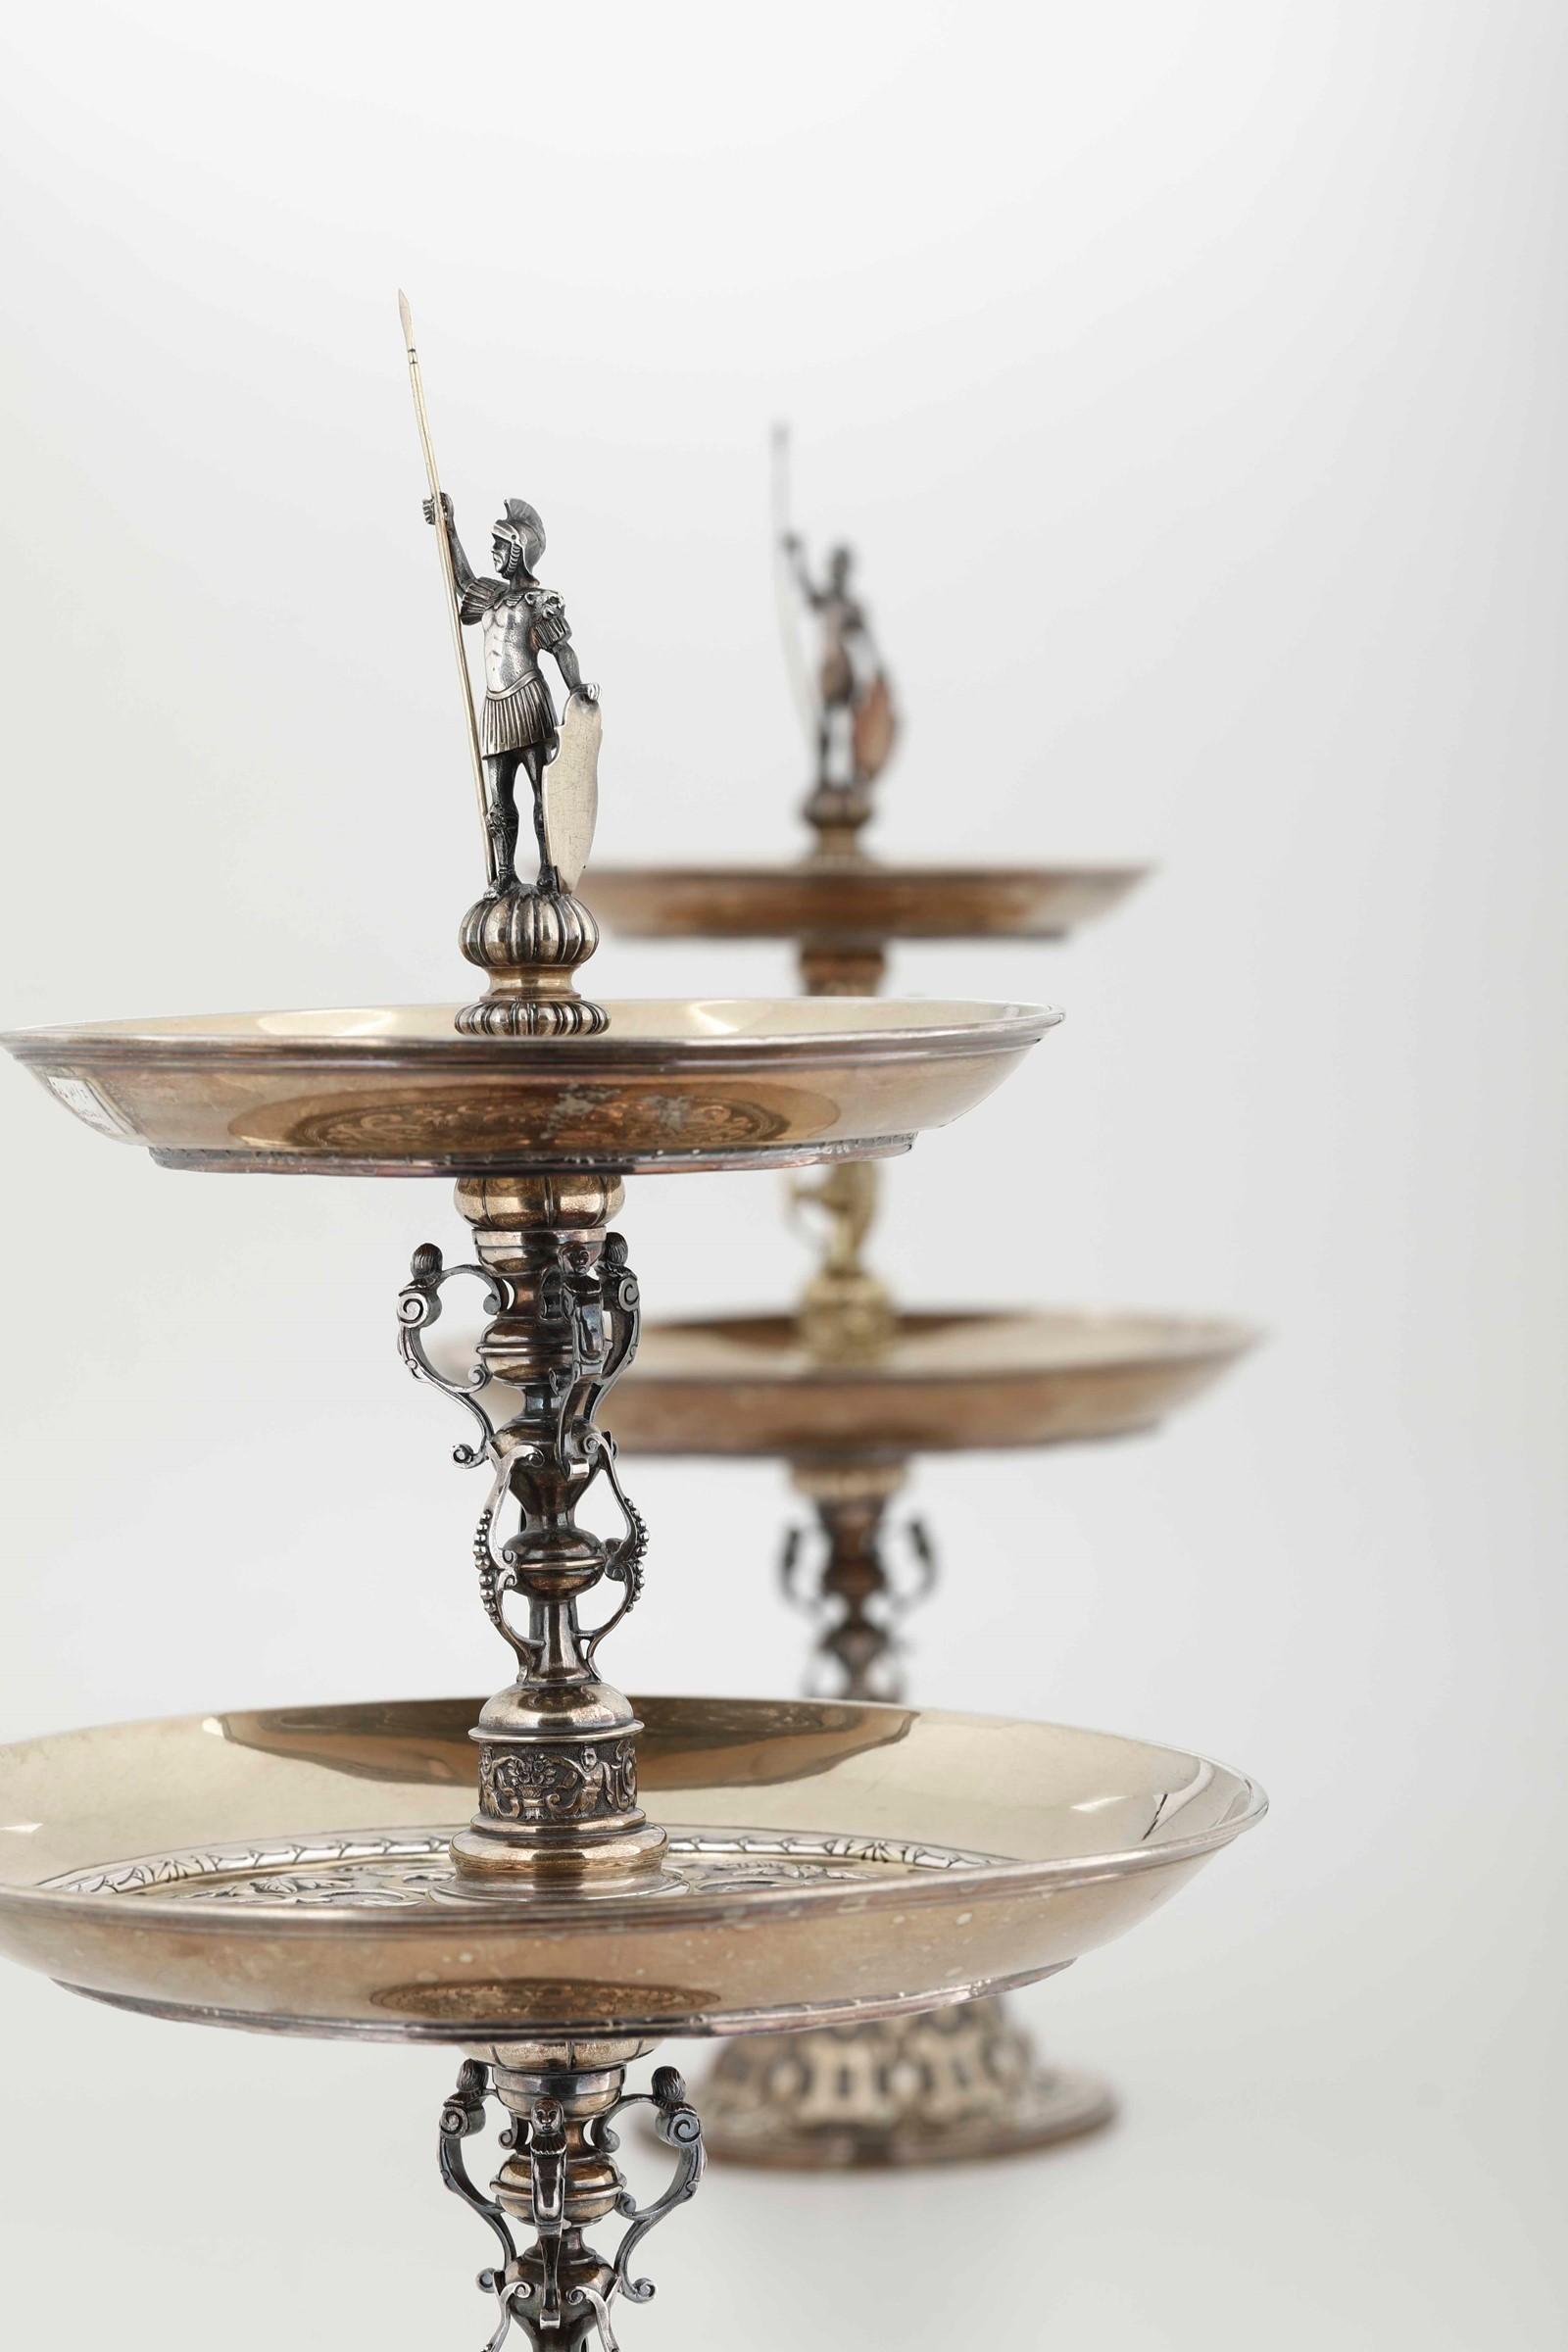 Coppia di importanti alzate in argento fuso, cesellato e dorato. Londra seconda metà [...] - Image 3 of 6